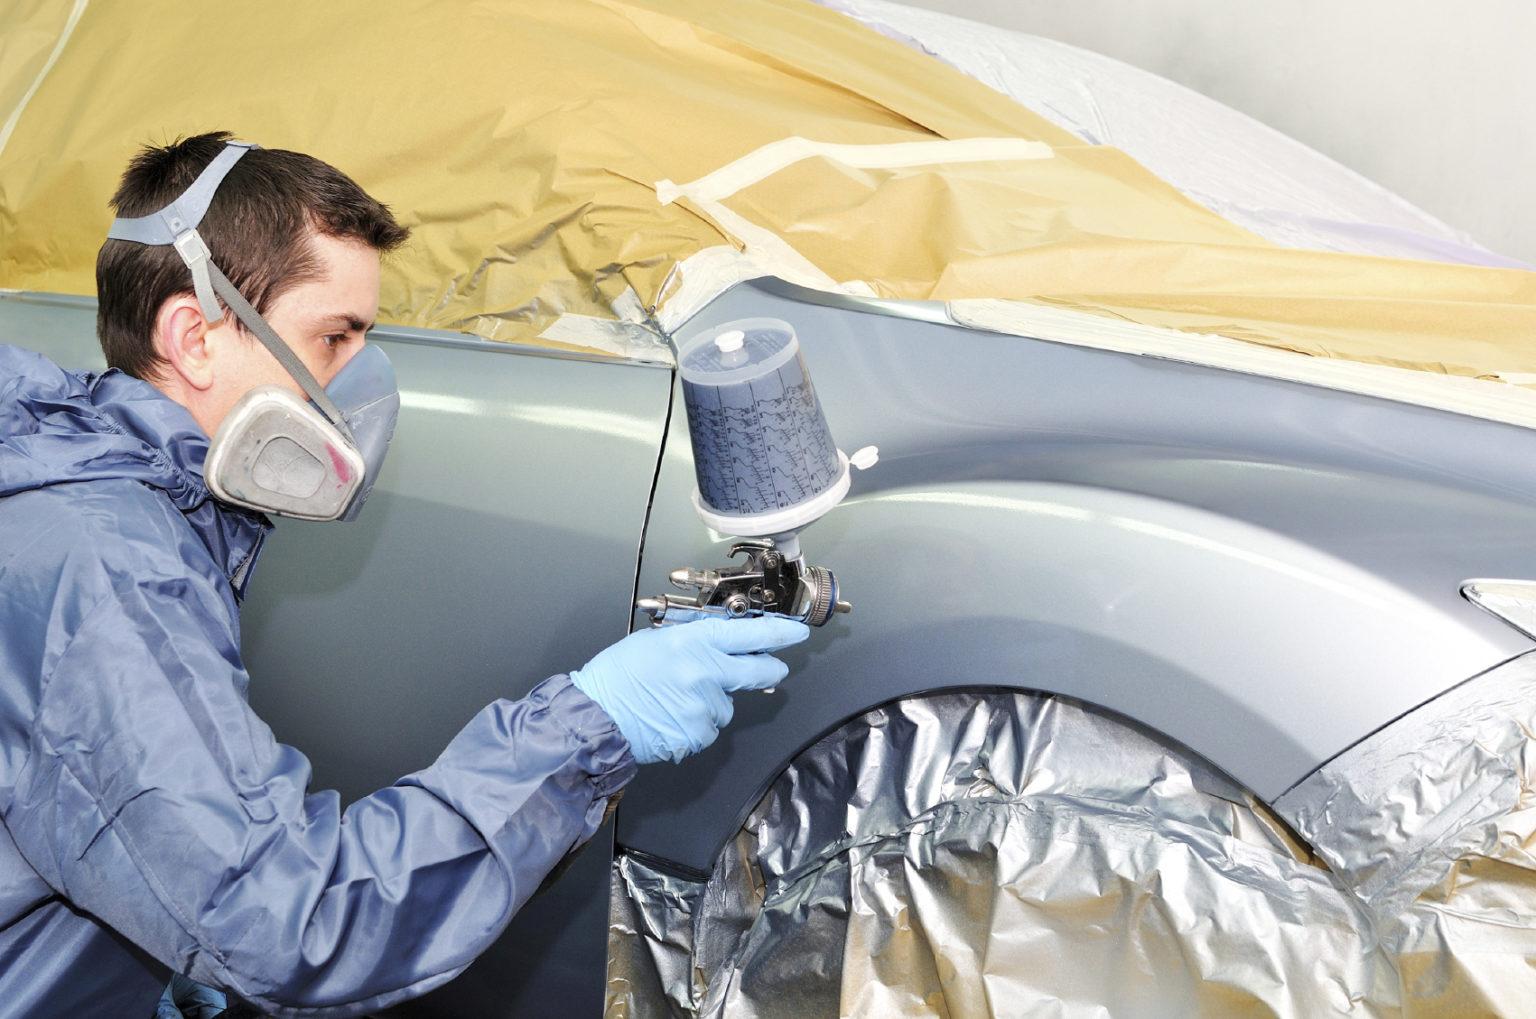 Как проводится покраска автомобиля в автосервисе